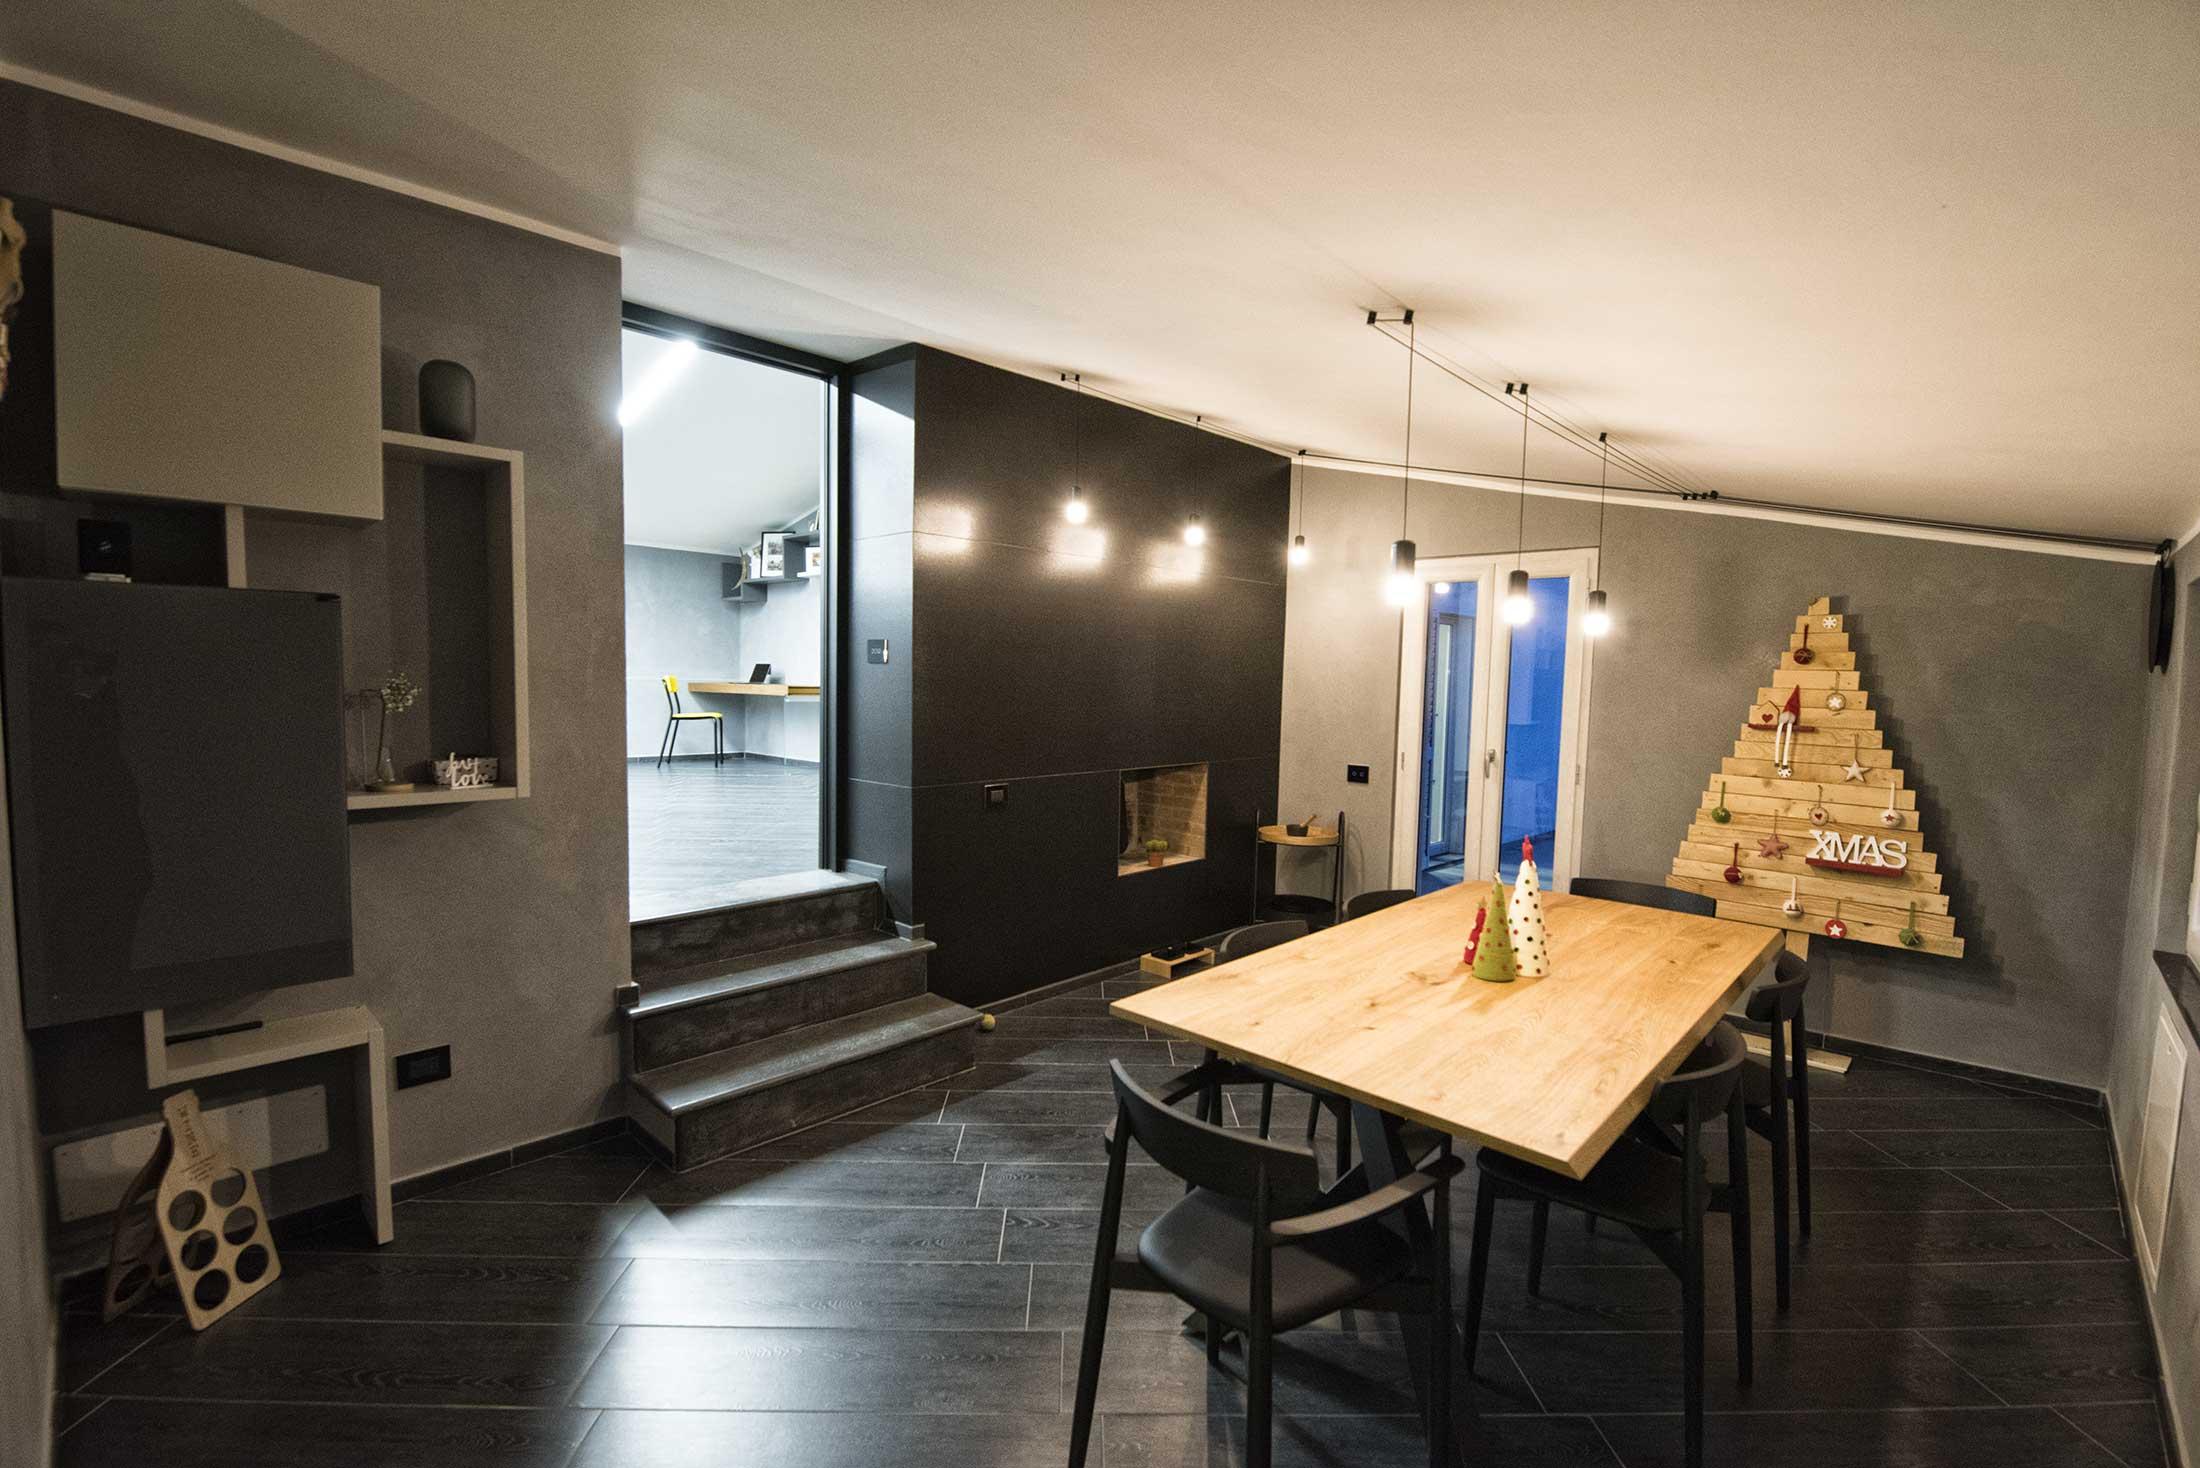 progetti-architettura-design-Formia-Addessi-Design-progettazione (4)